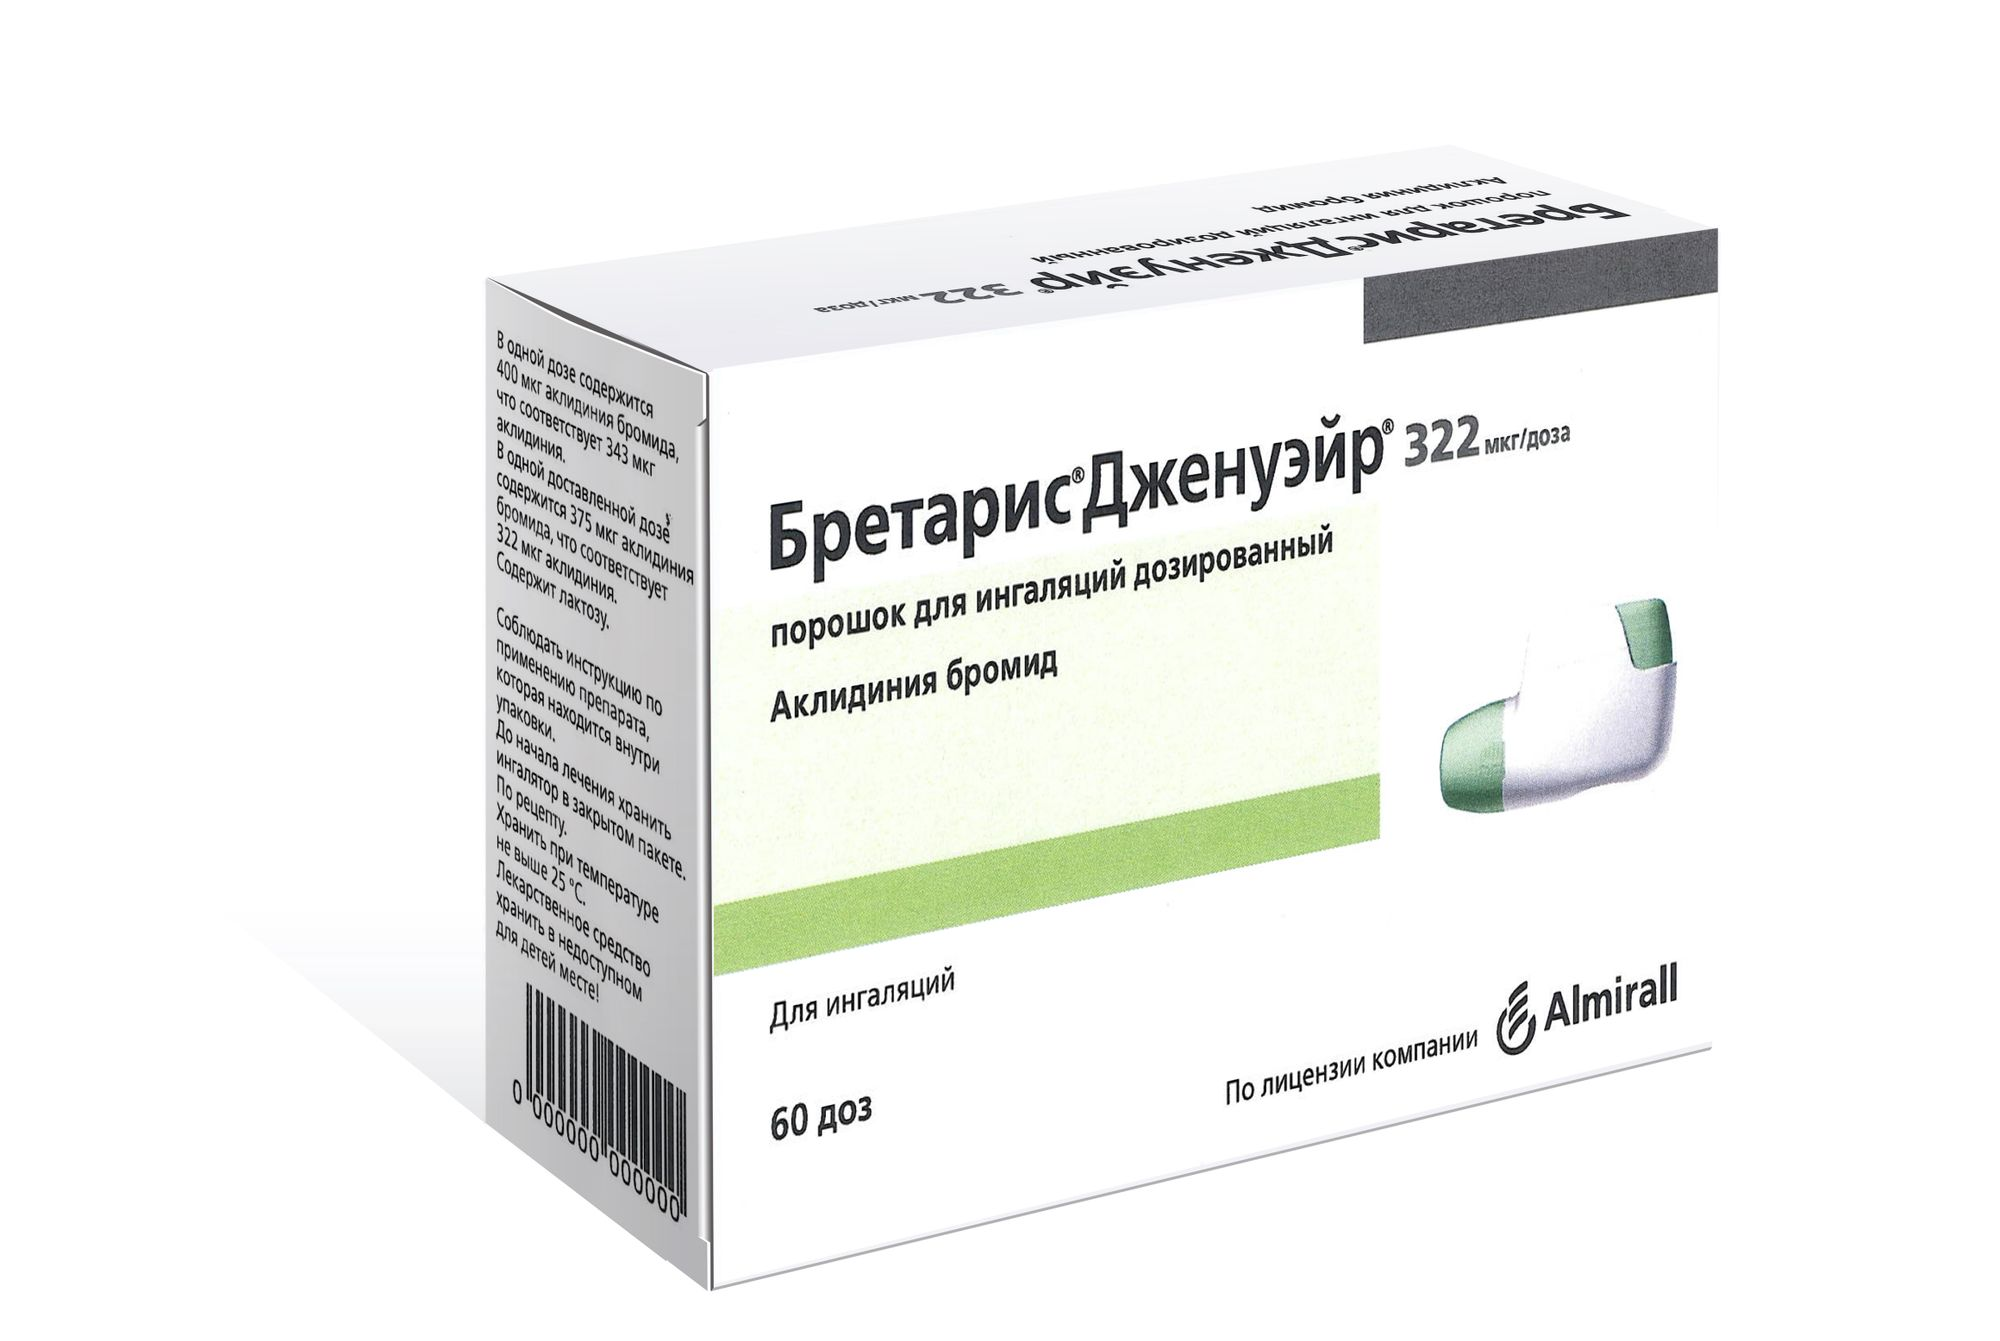 Бретарис Дженуэйр, 322 мкг/доза, 60 доз, порошок для ингаляций дозированный, 1 шт.